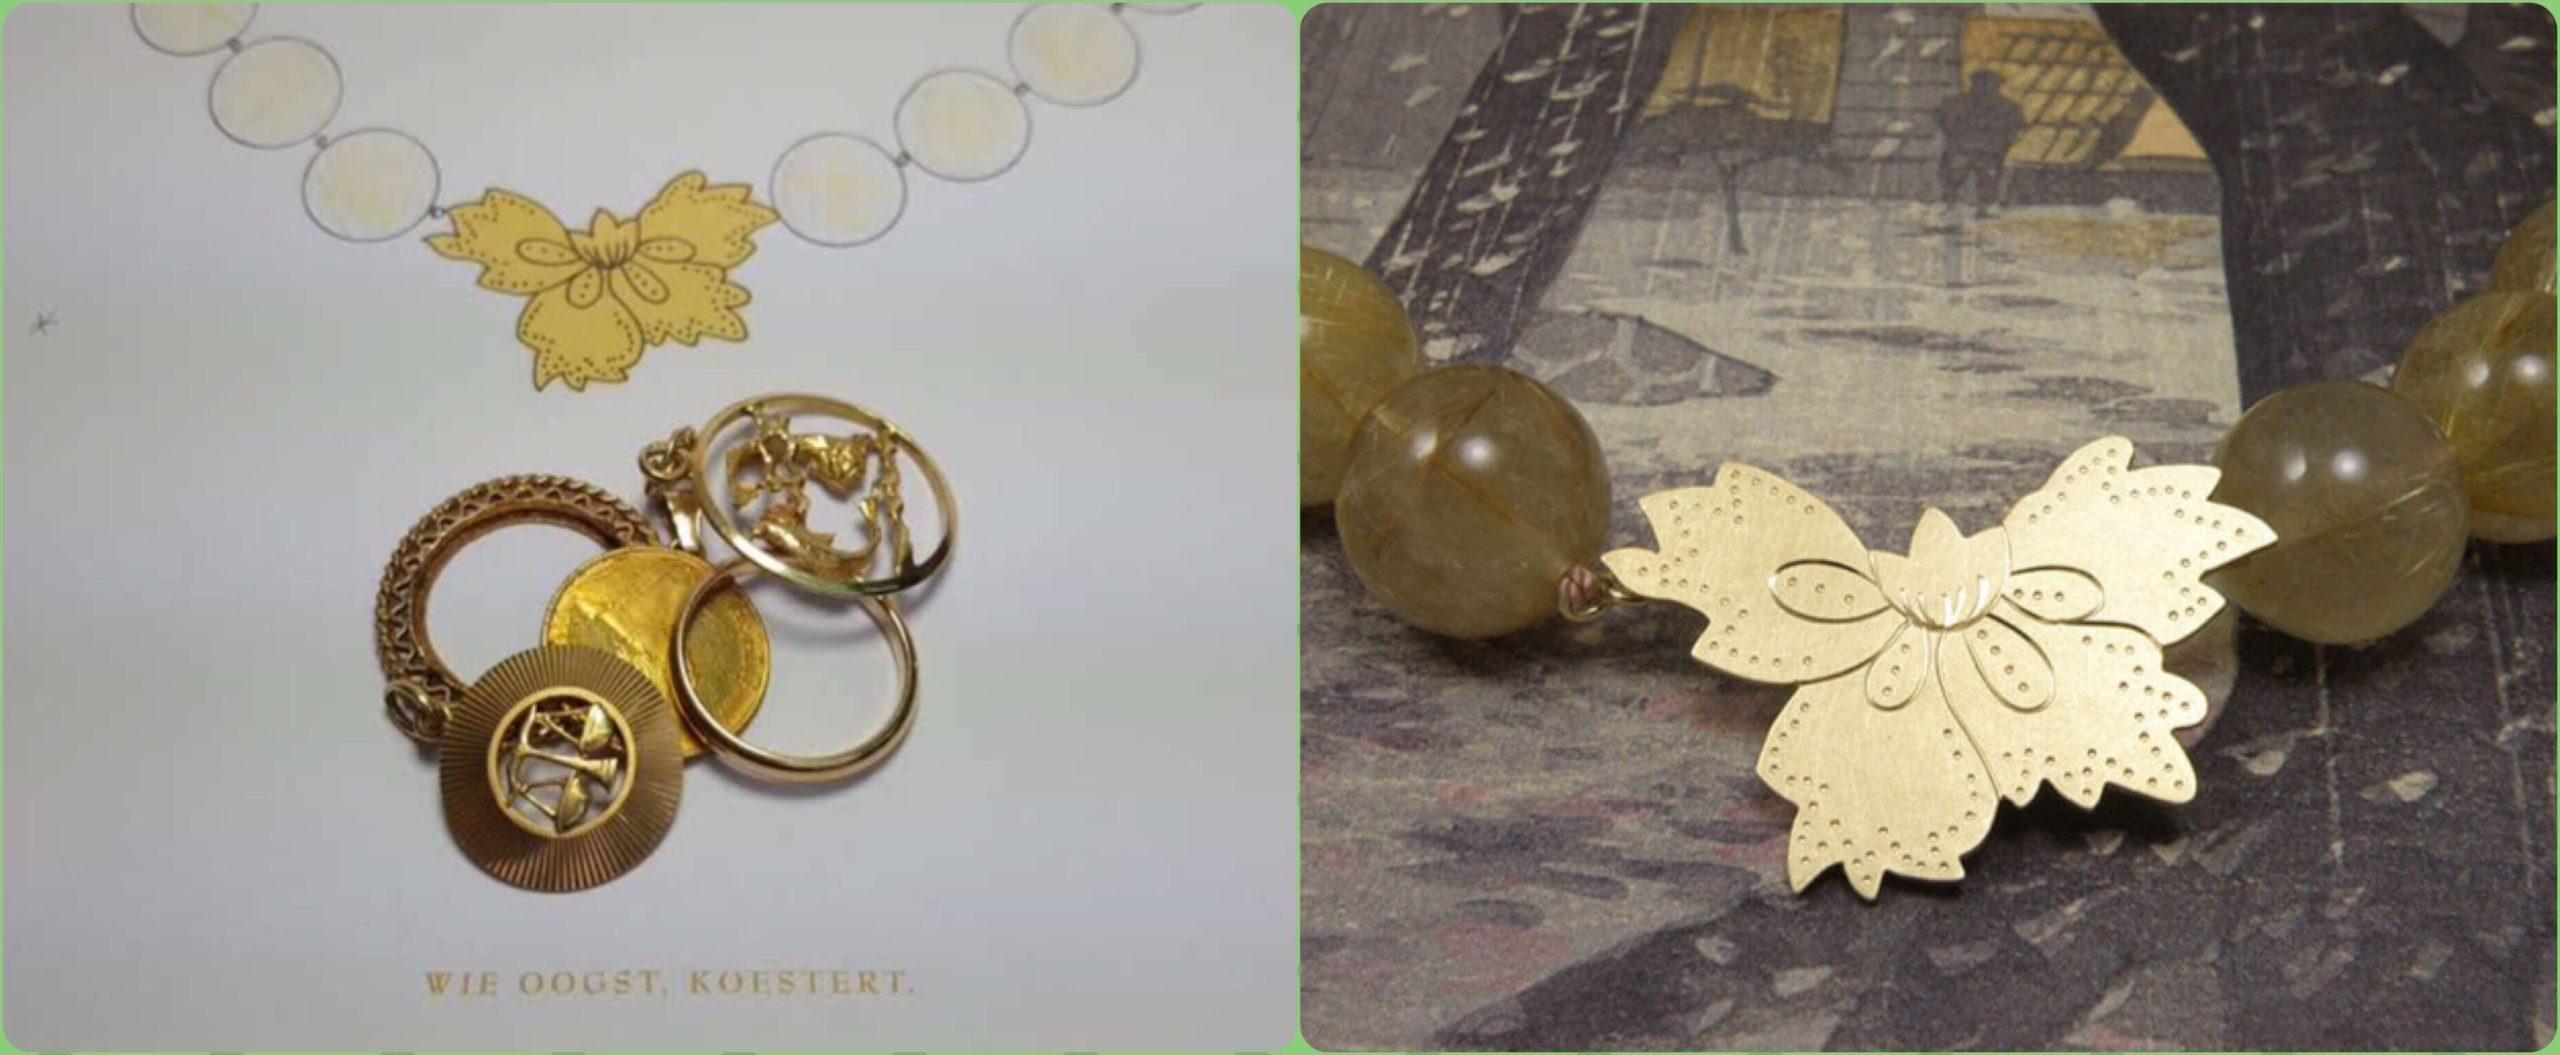 blog sieraden oud goud omsmelten. Goudsmid Amsterdam.